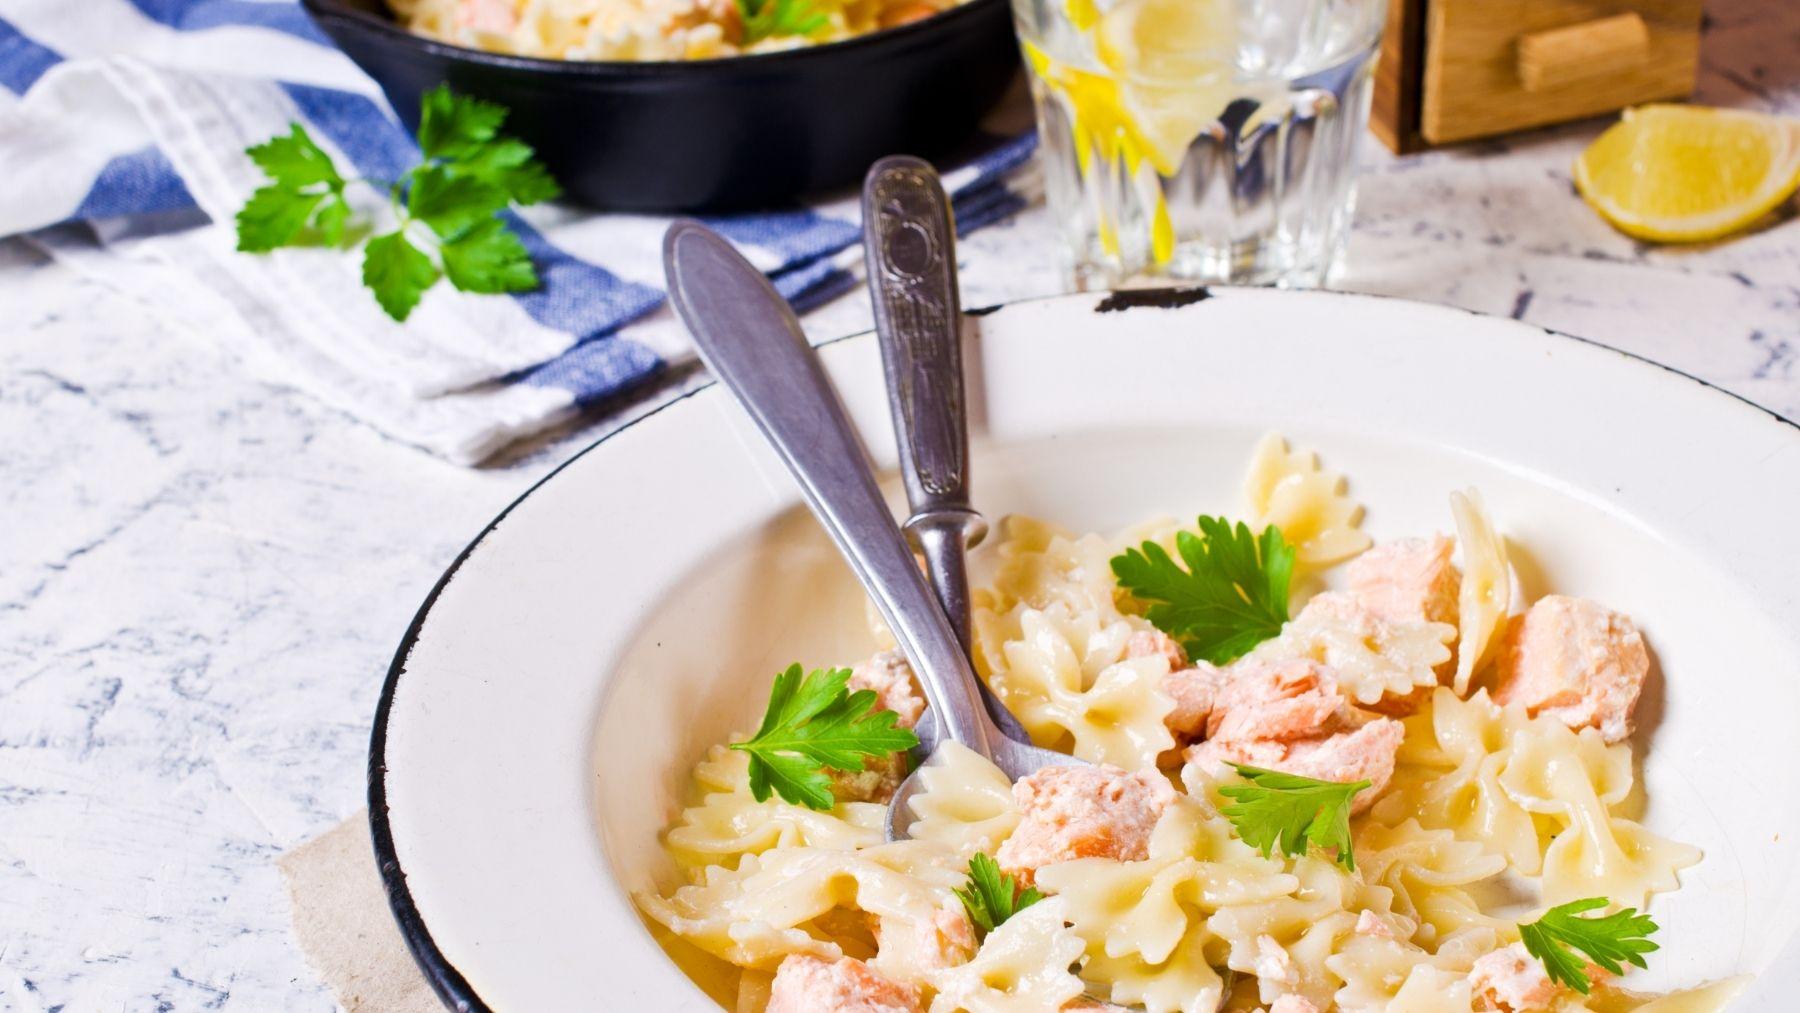 Receta de espaguetis con salmón ahumado